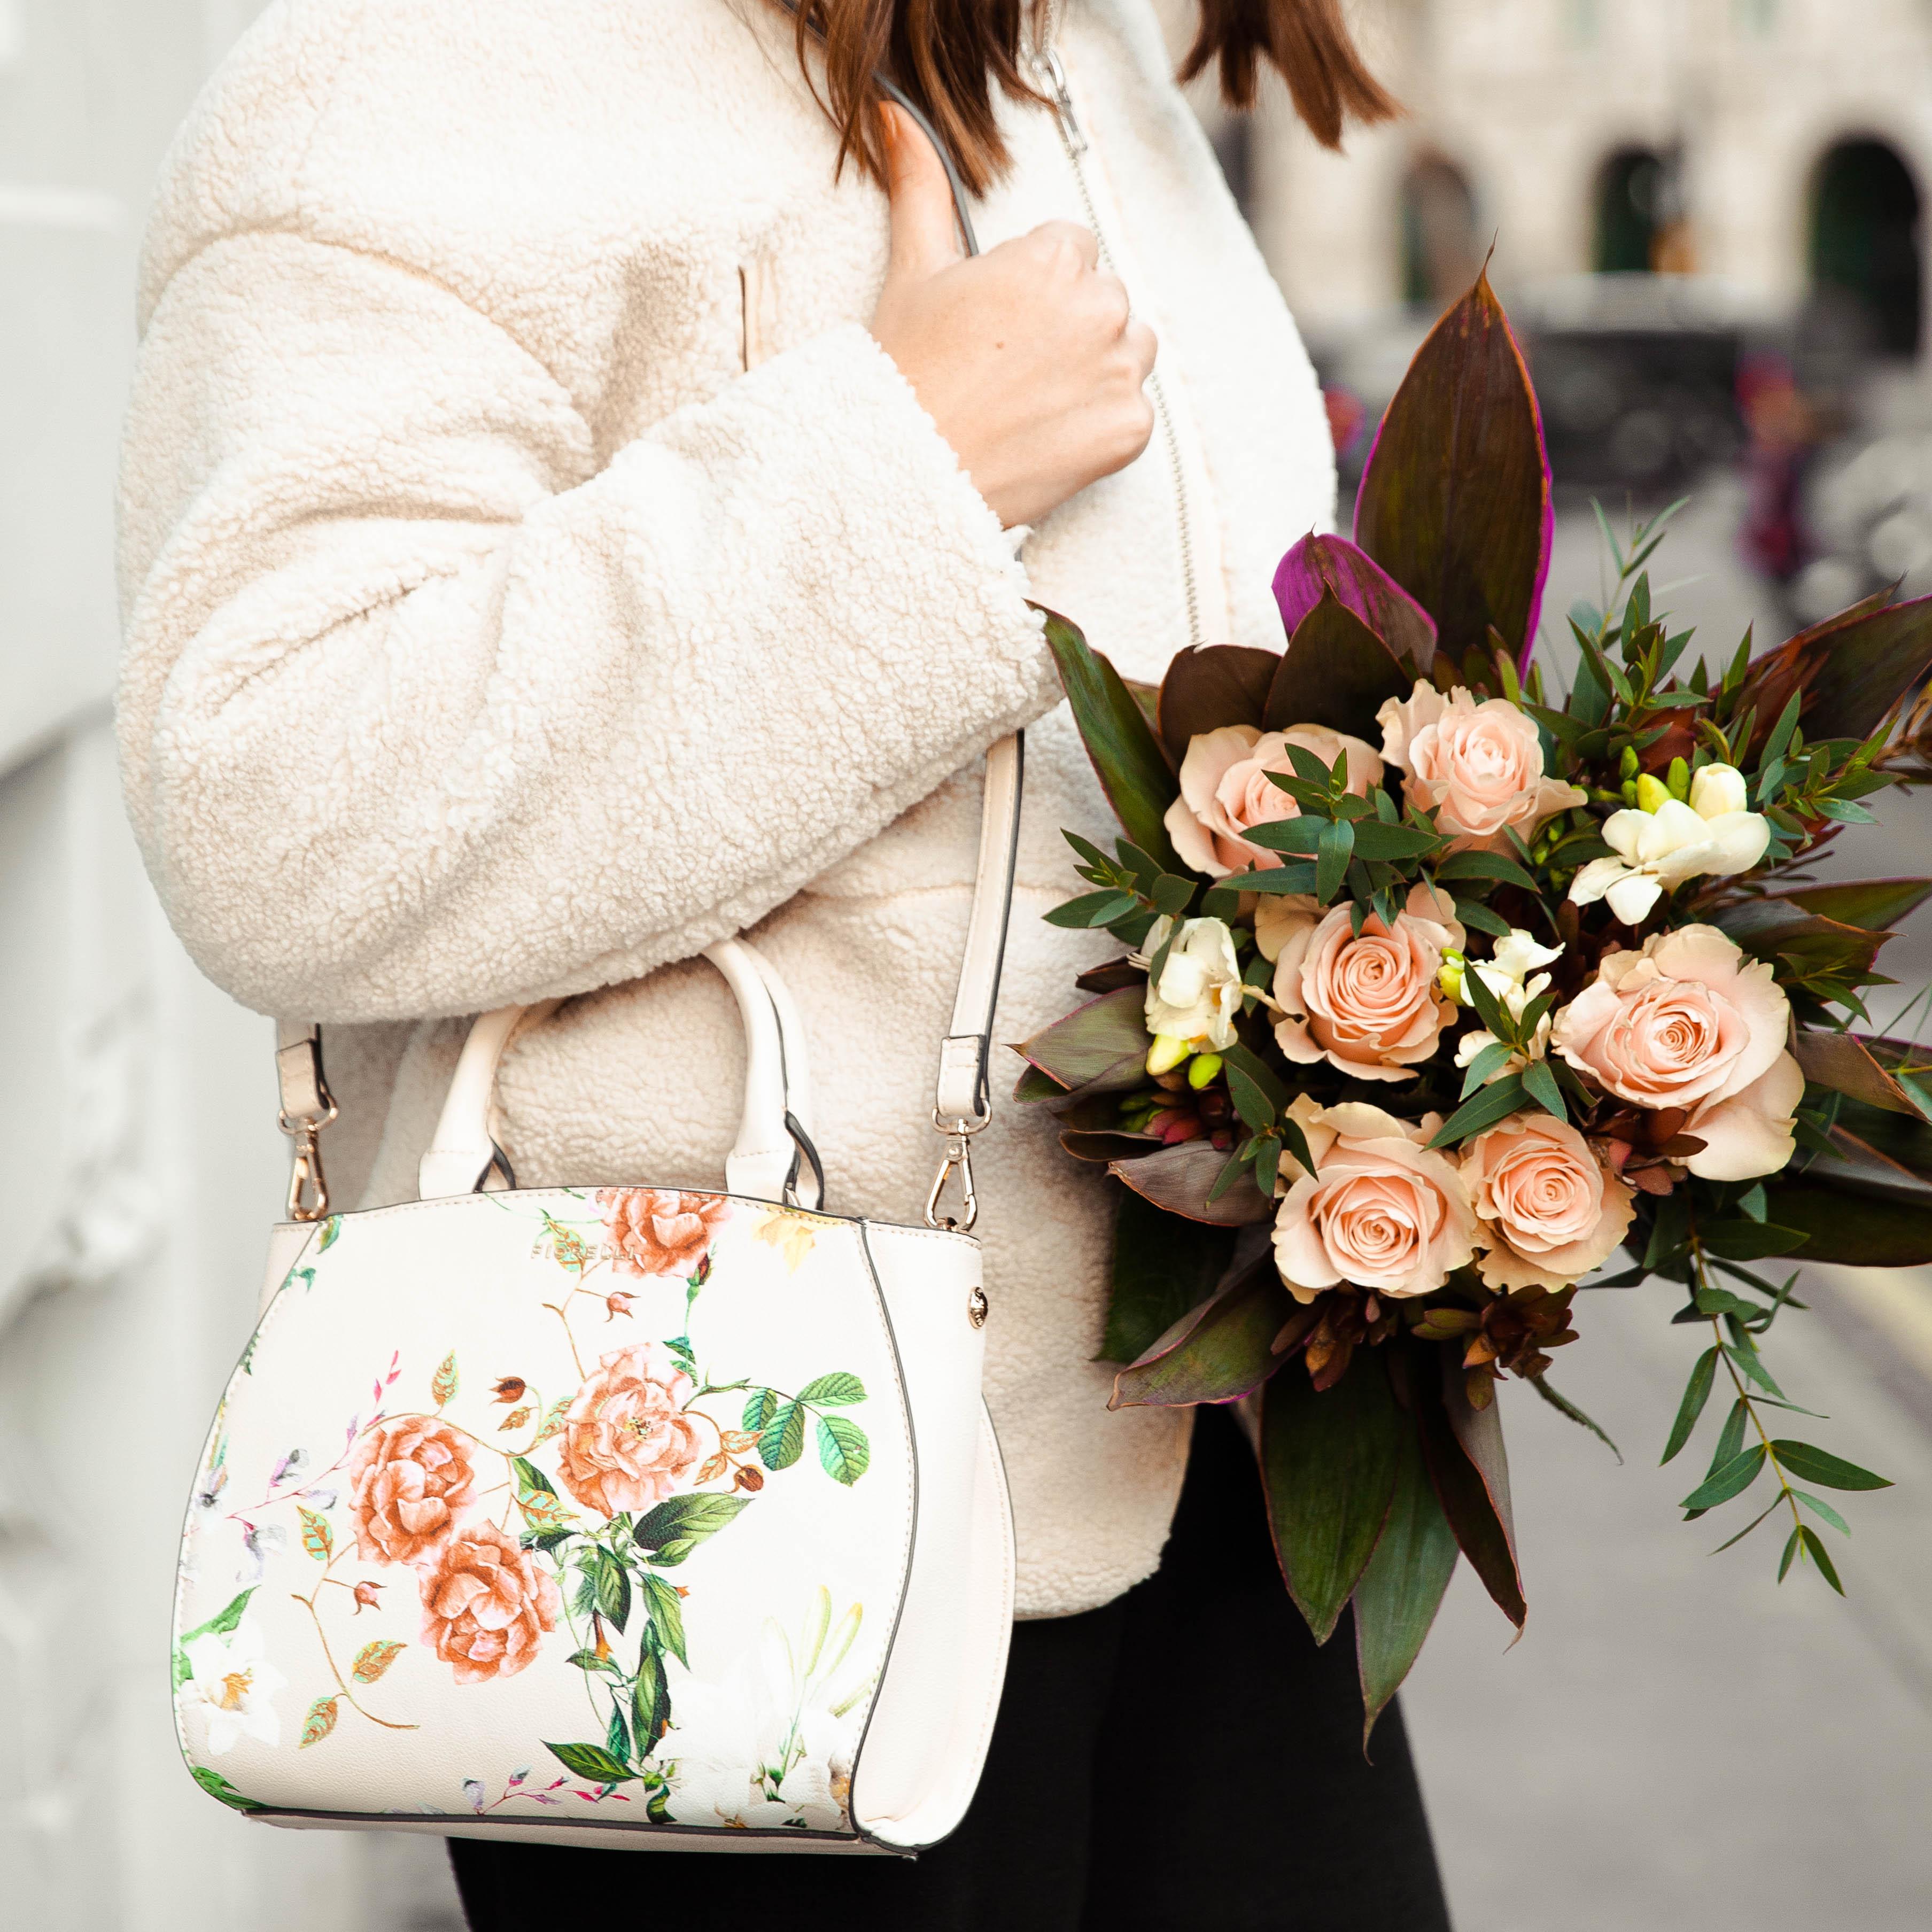 fiorelli image 1